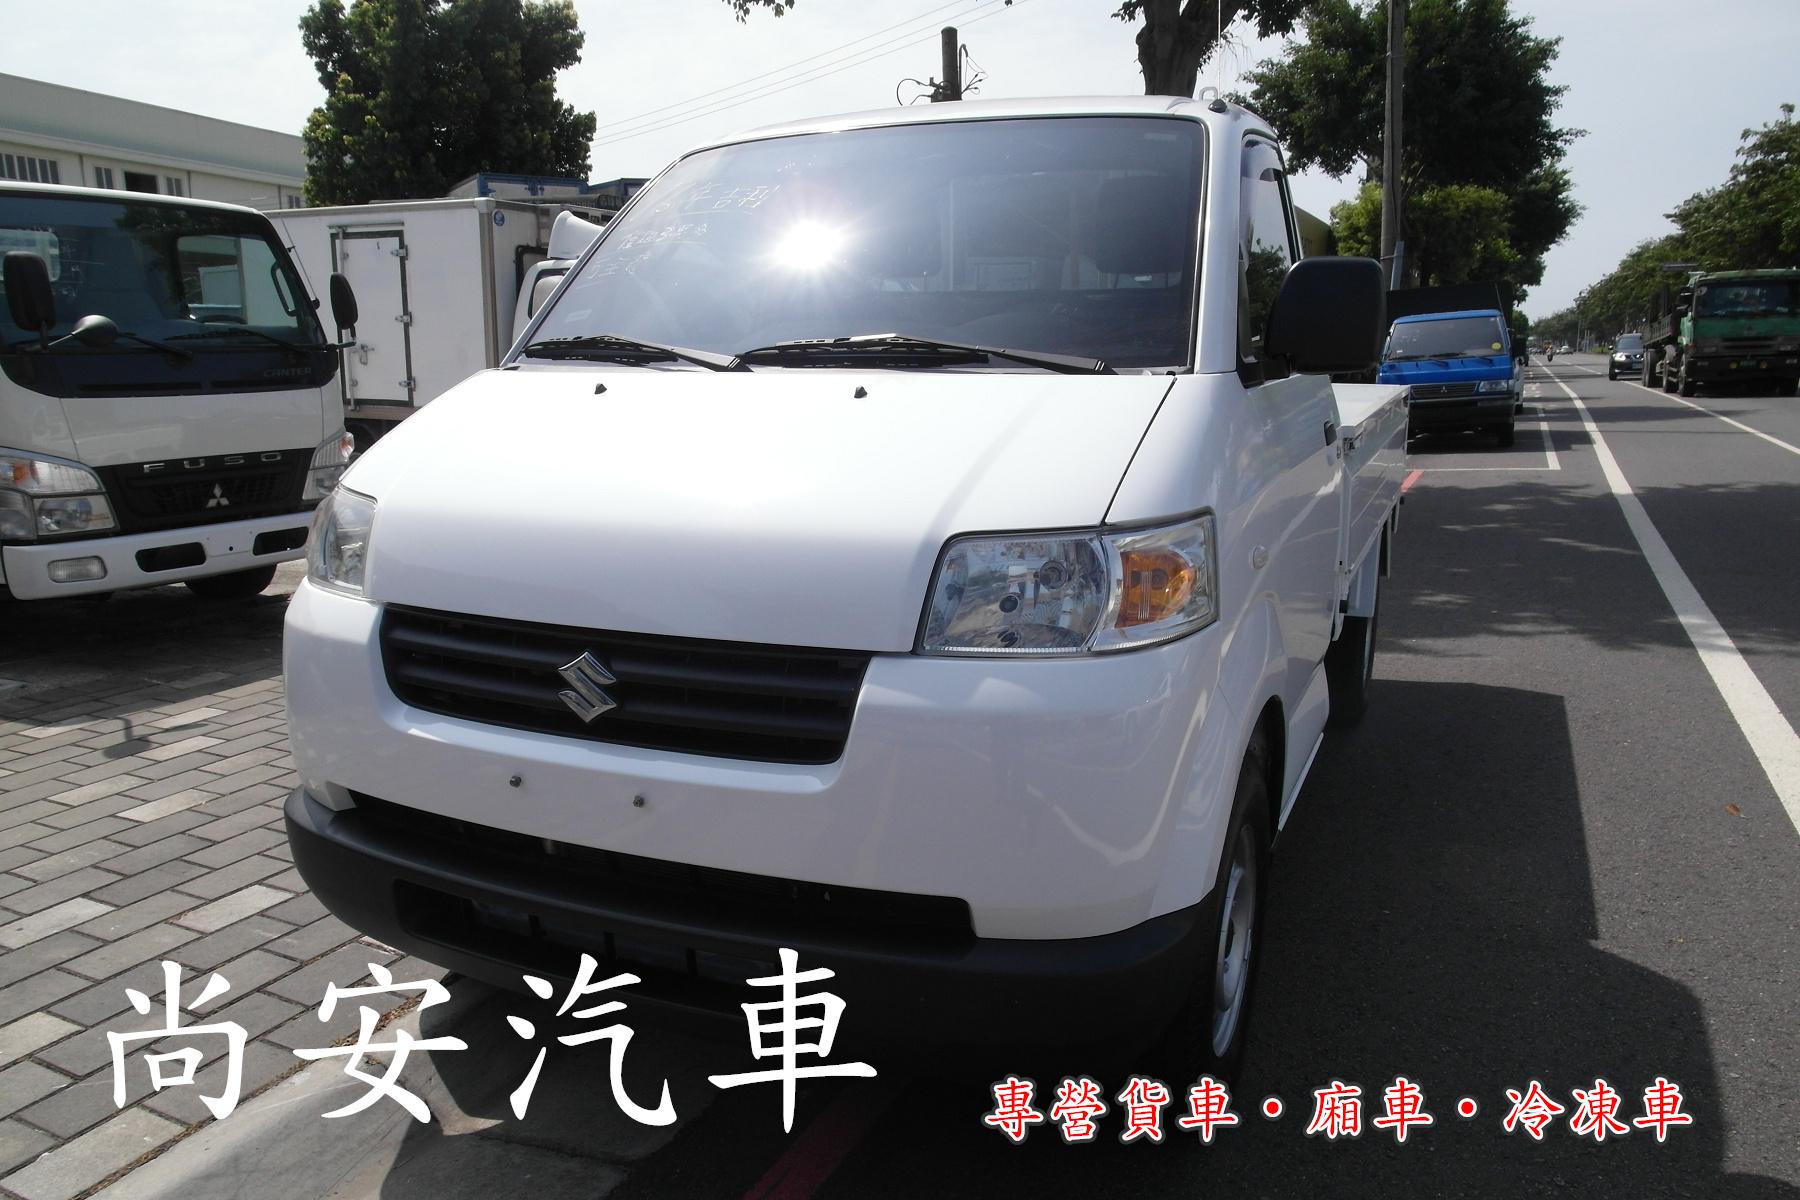 2016 Suzuki 鈴木 Super carry